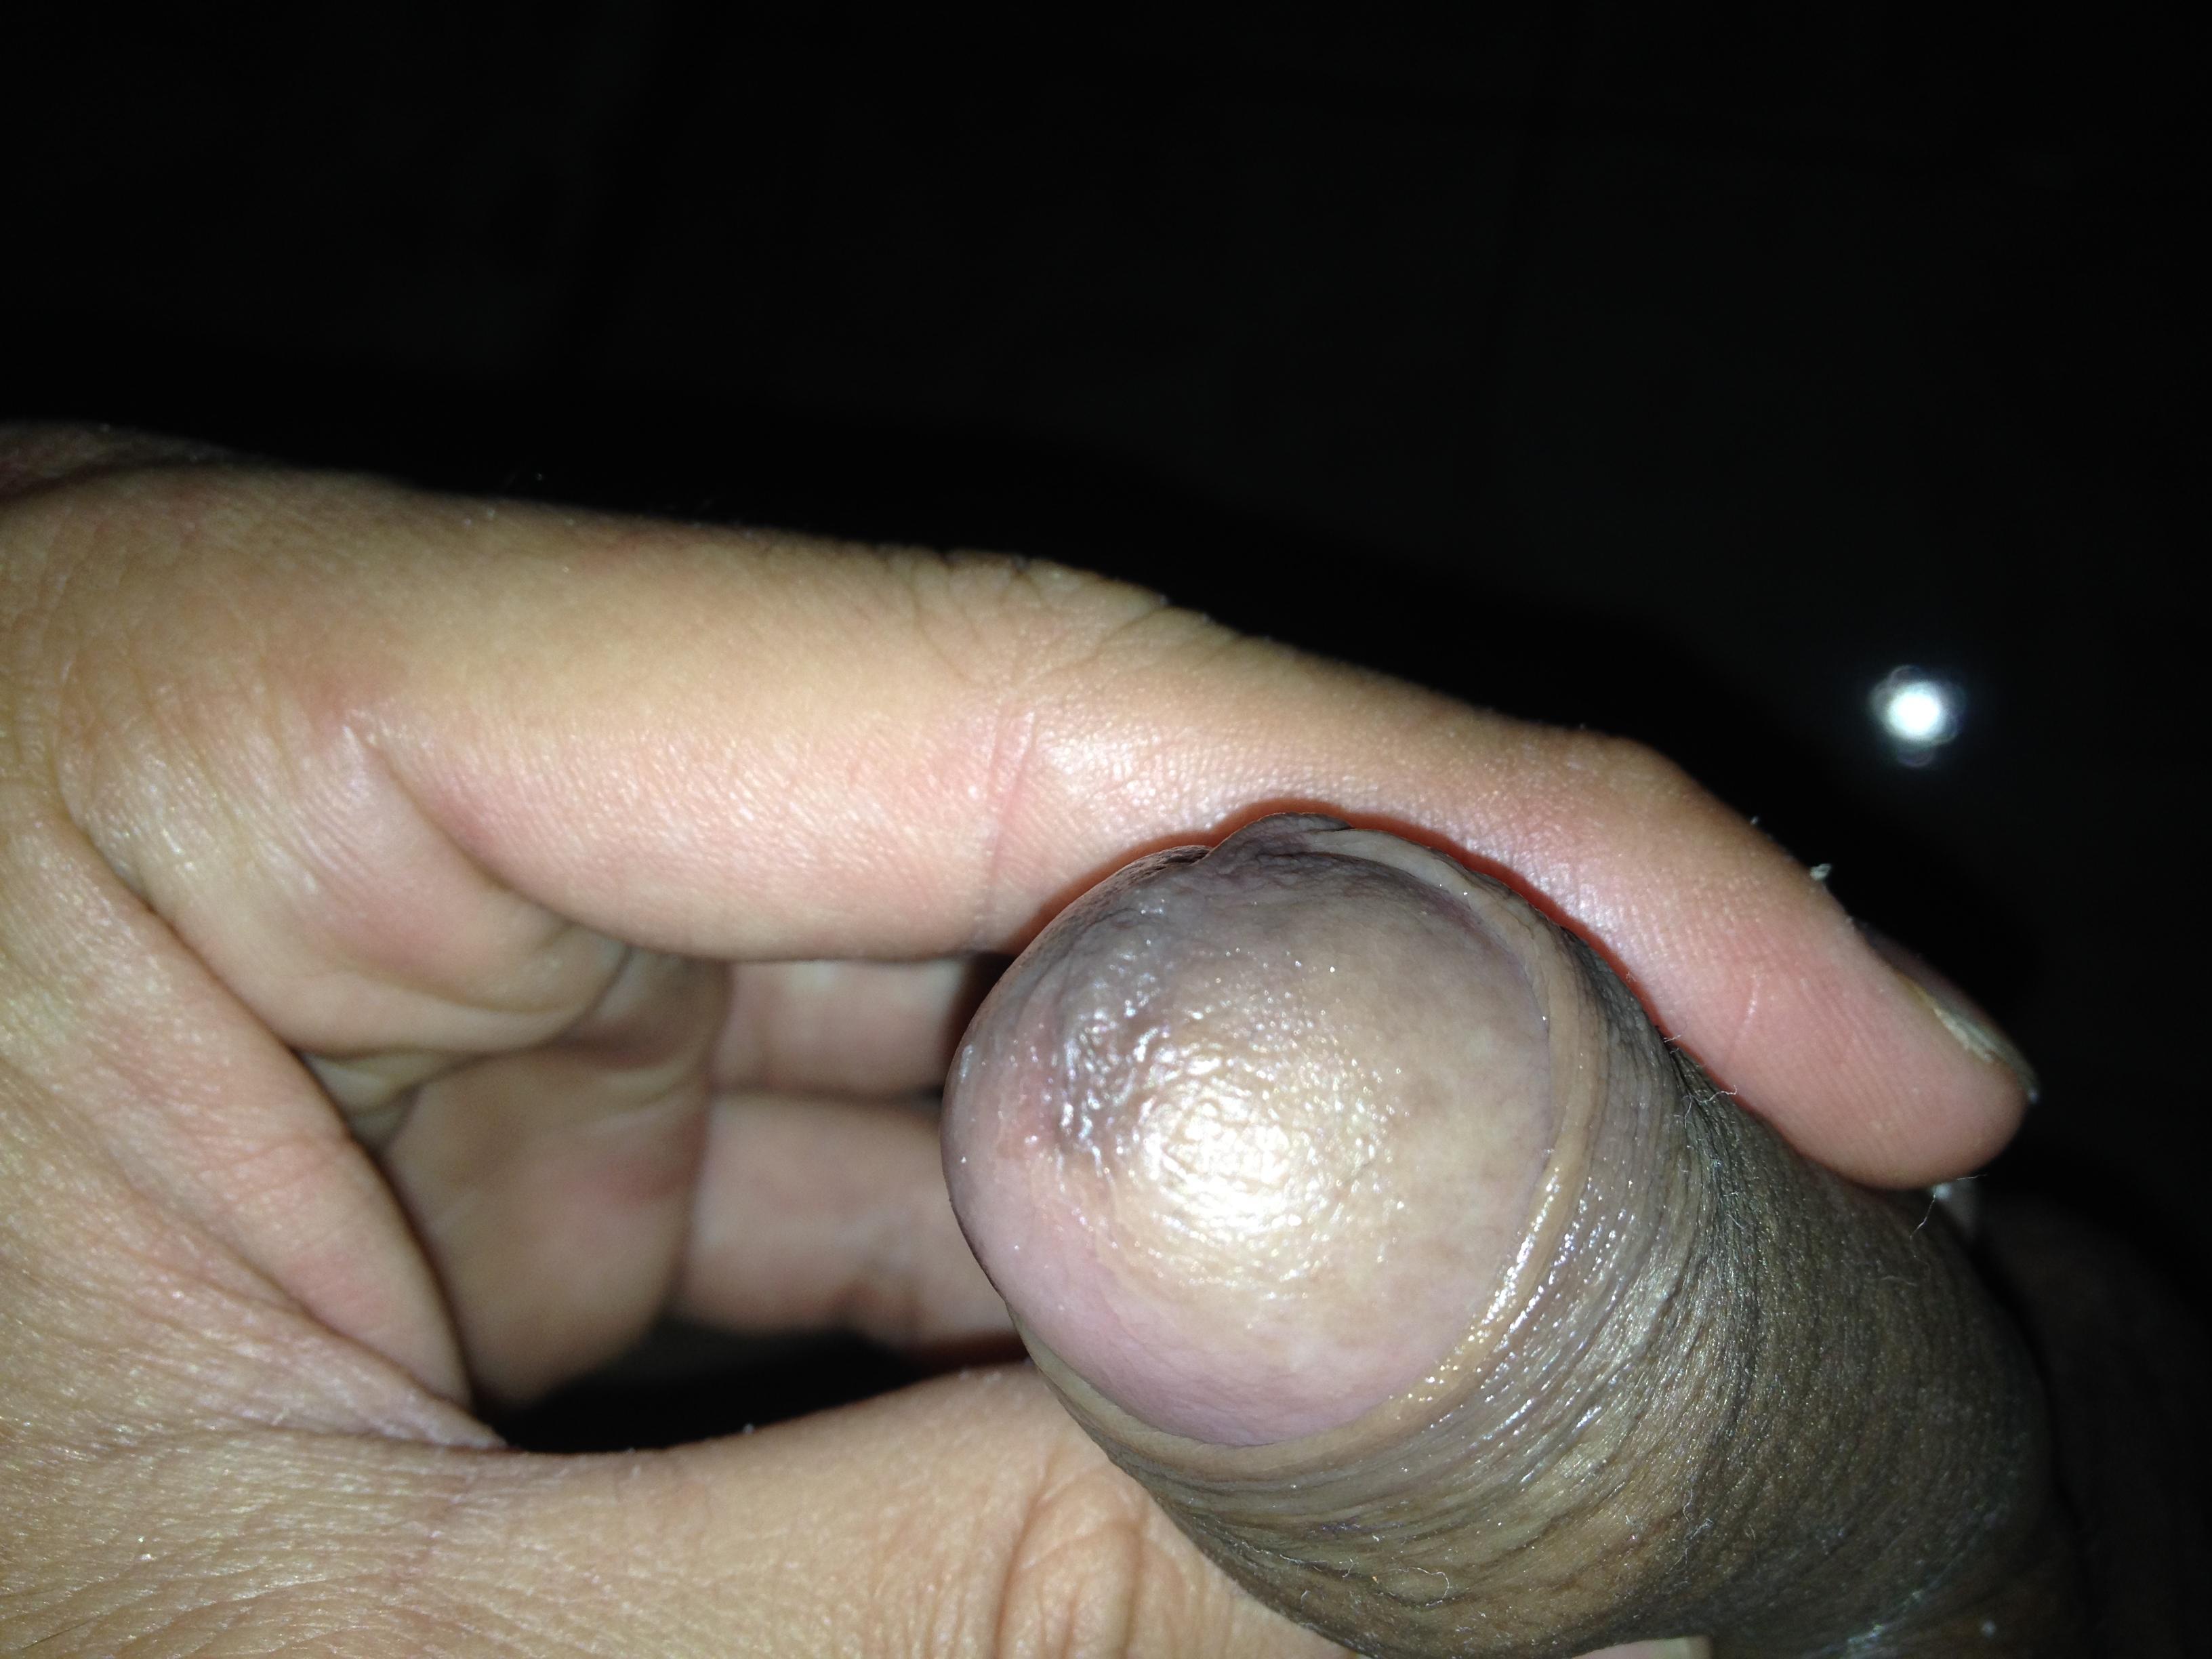 La operación al miembro viril antes y después